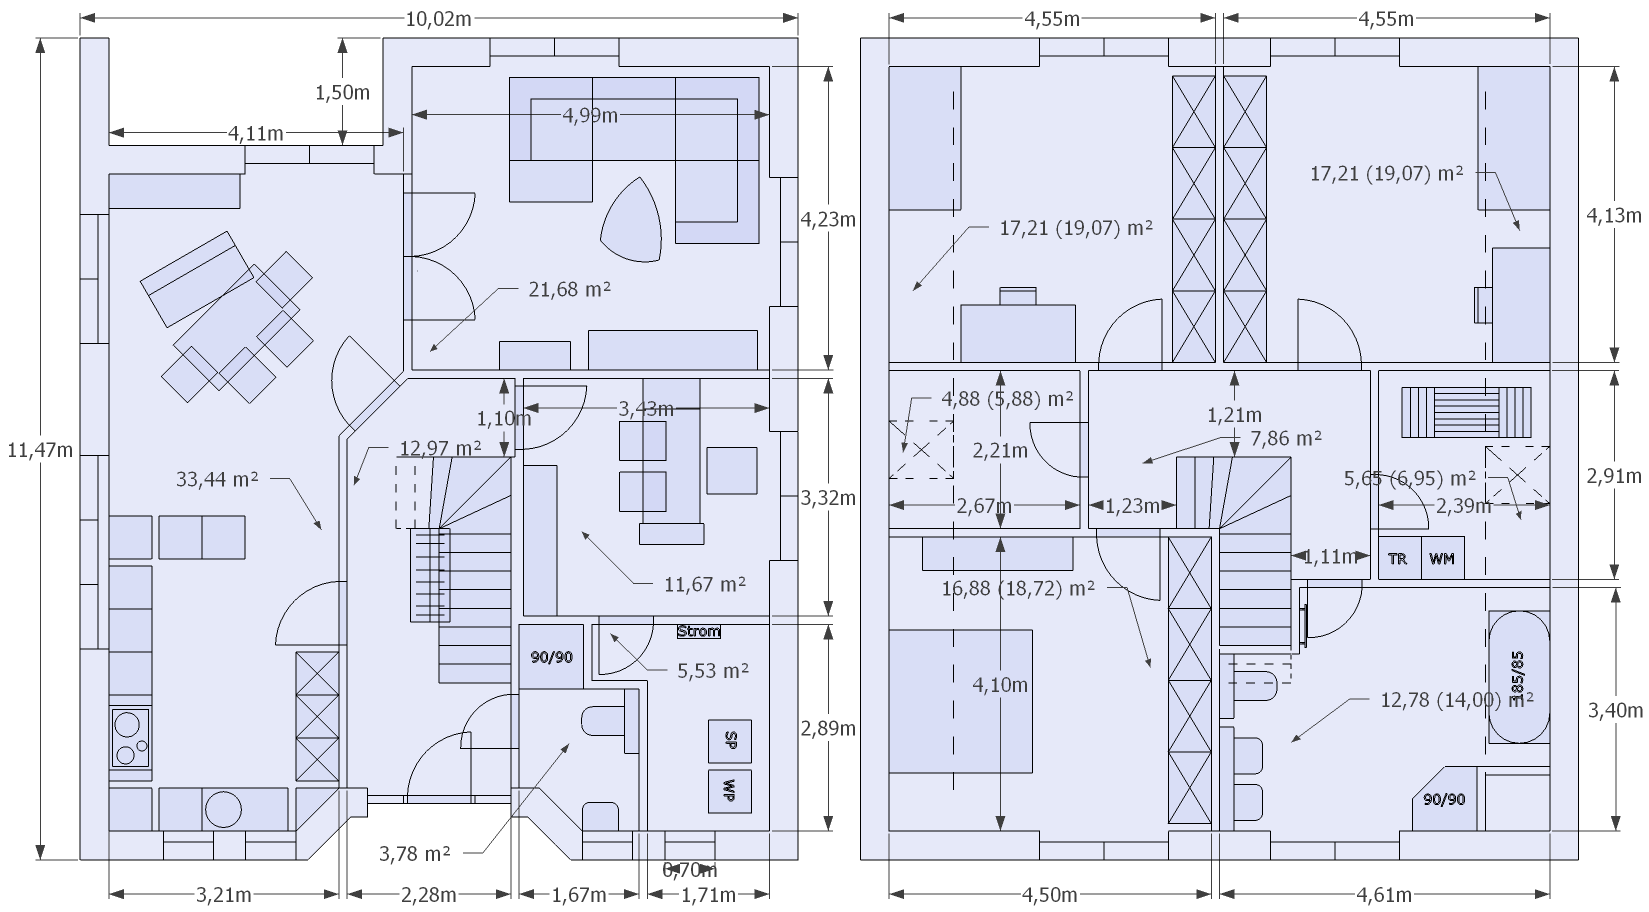 Haus-Grundrisse: Welchen findet Ihr besser? - Ok, aus der raum ... size: 1649 x 912 post ID: 1 File size: 0 B